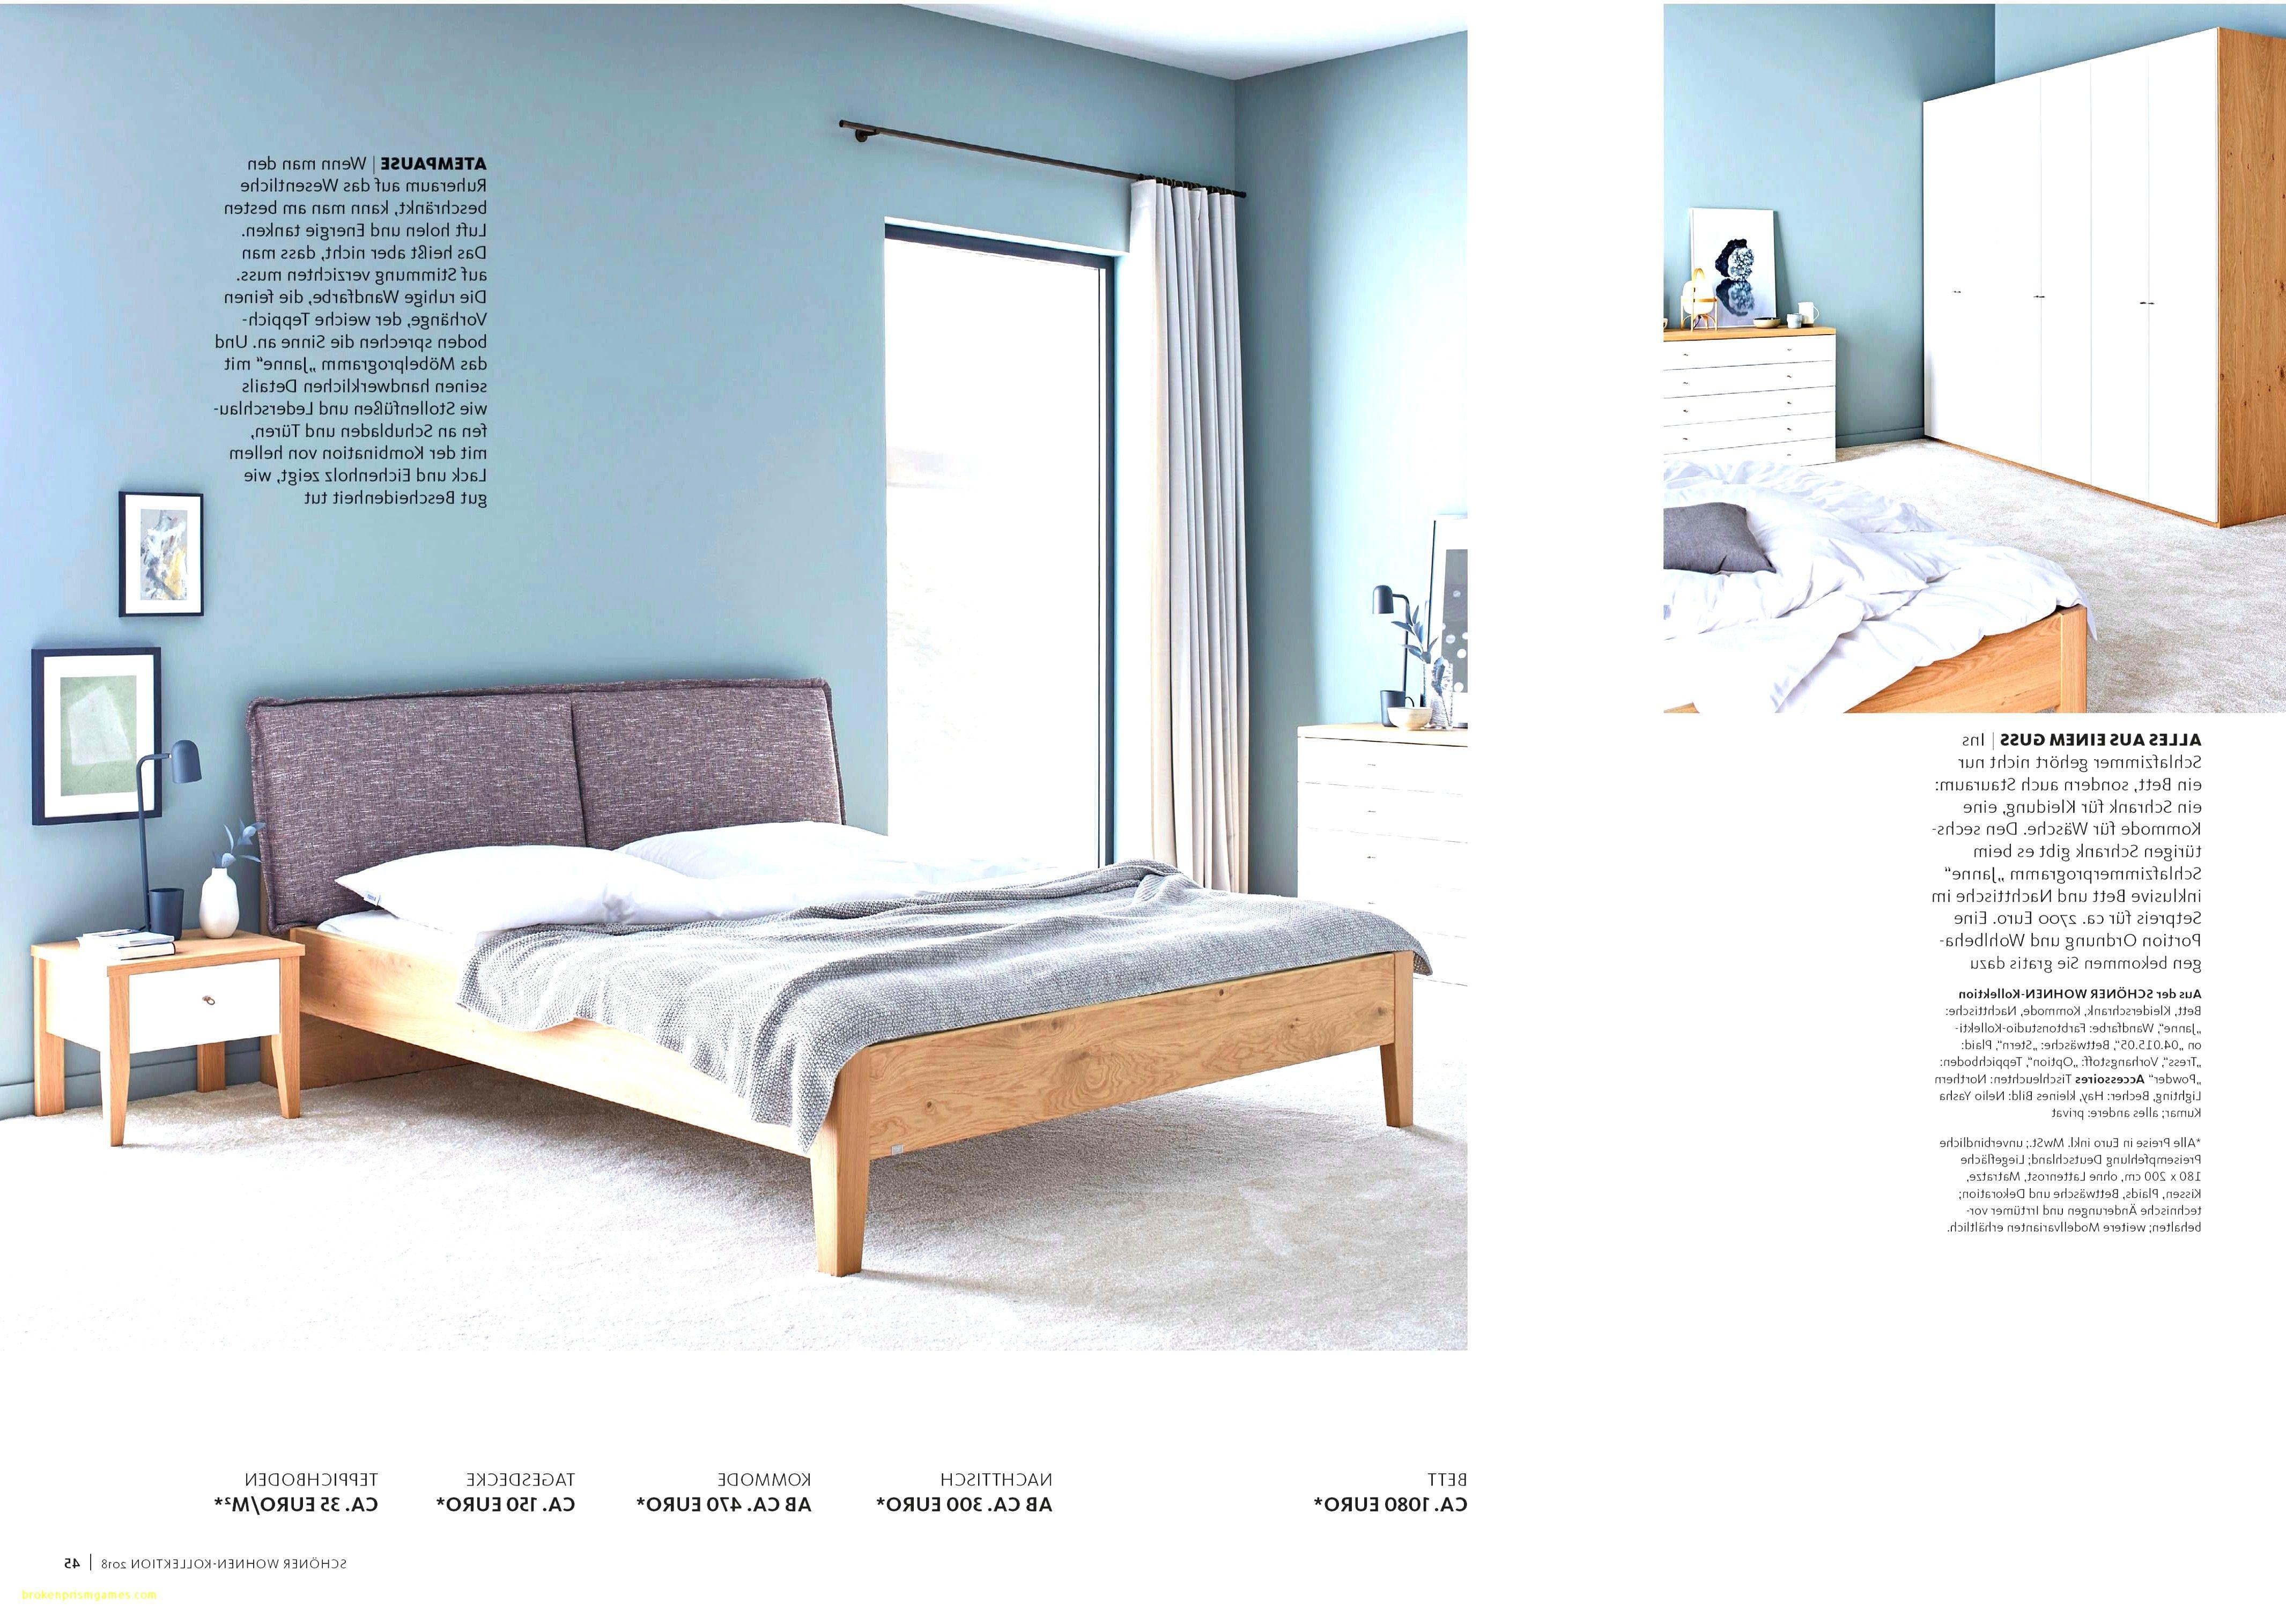 Kleines Jugendzimmer Einrichten   Haus deko, Schlafzimmer regale, Ikea regale schlafzimmer